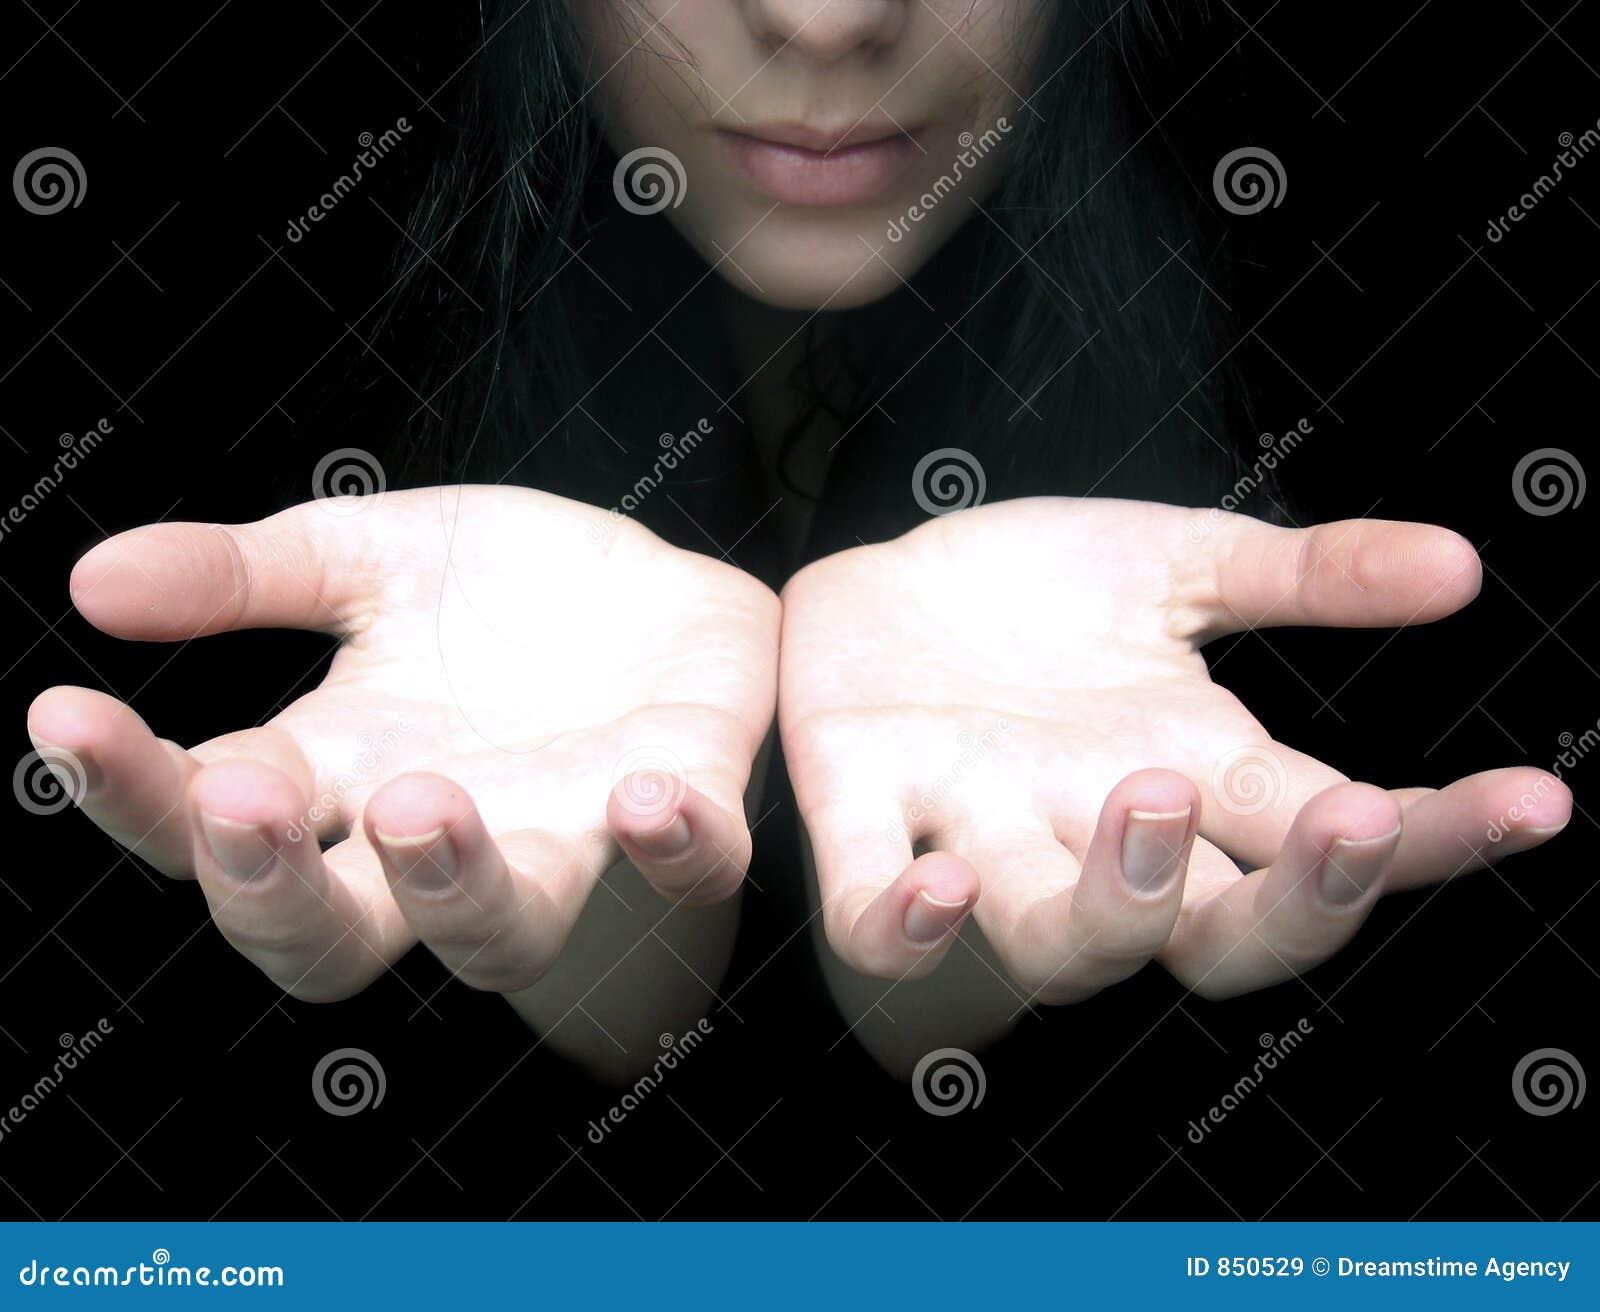 Hands in darkness